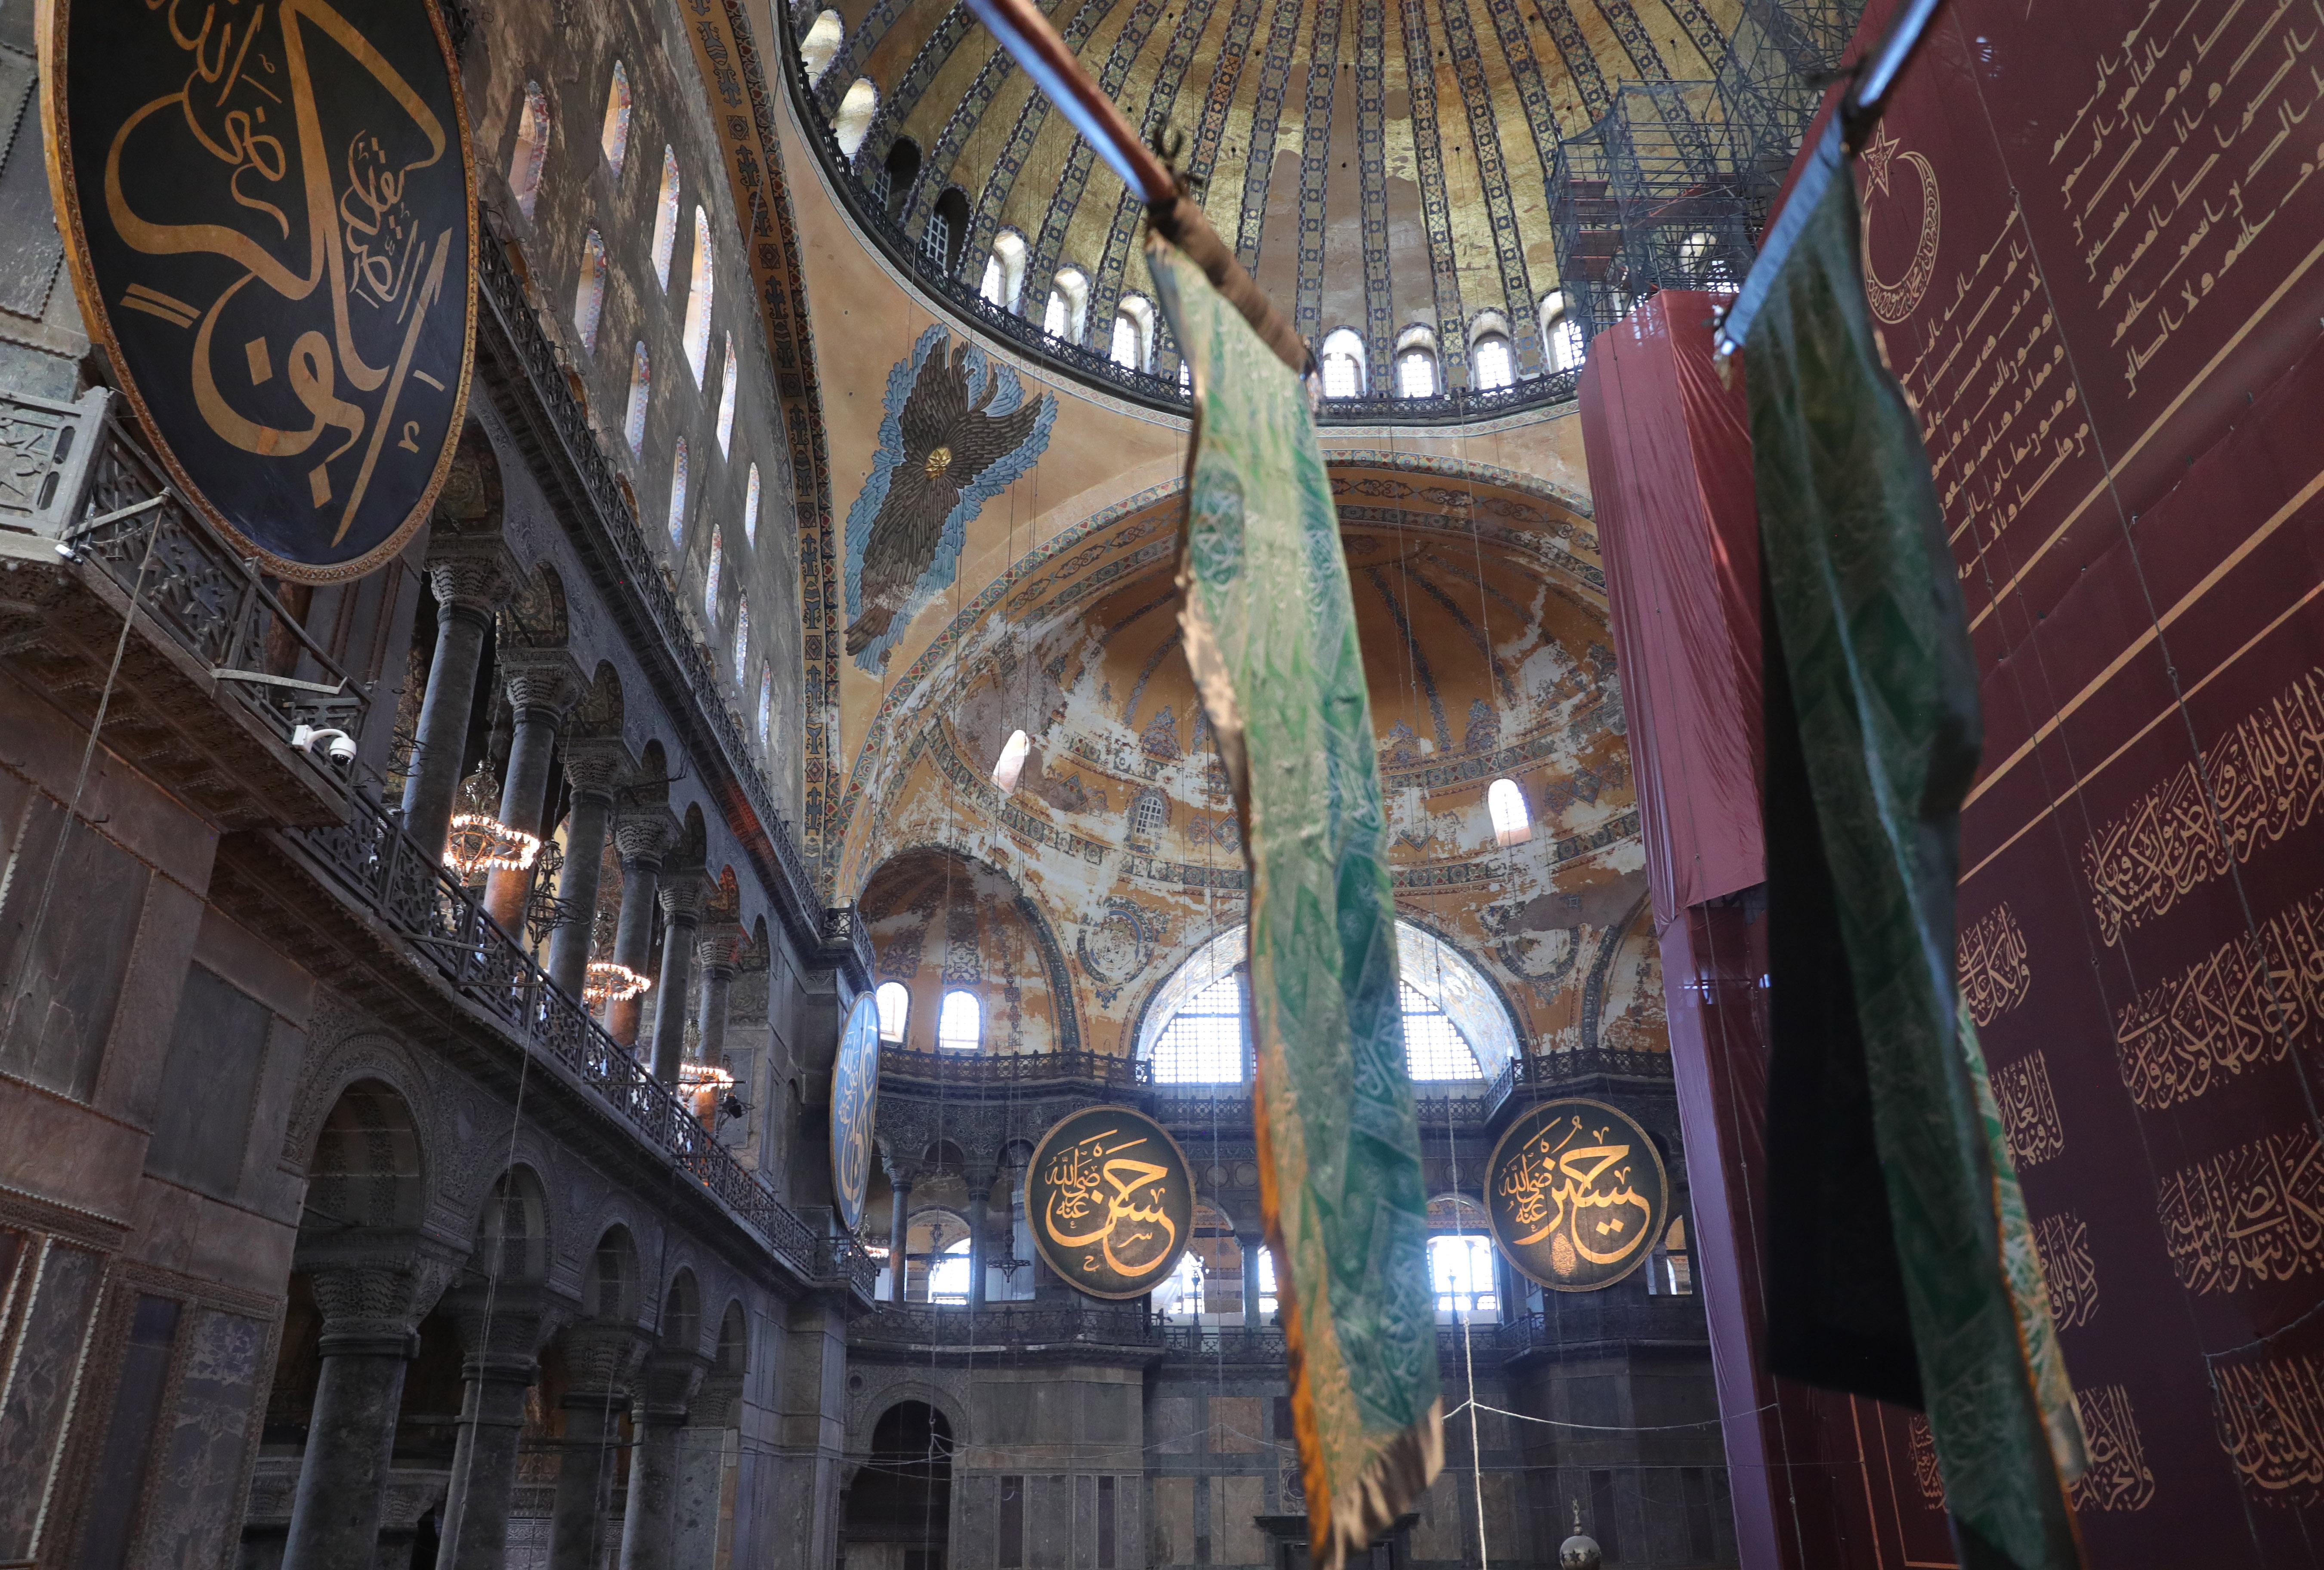 Blick auf die Kuppel der Hagia-Sophia-Moschee.